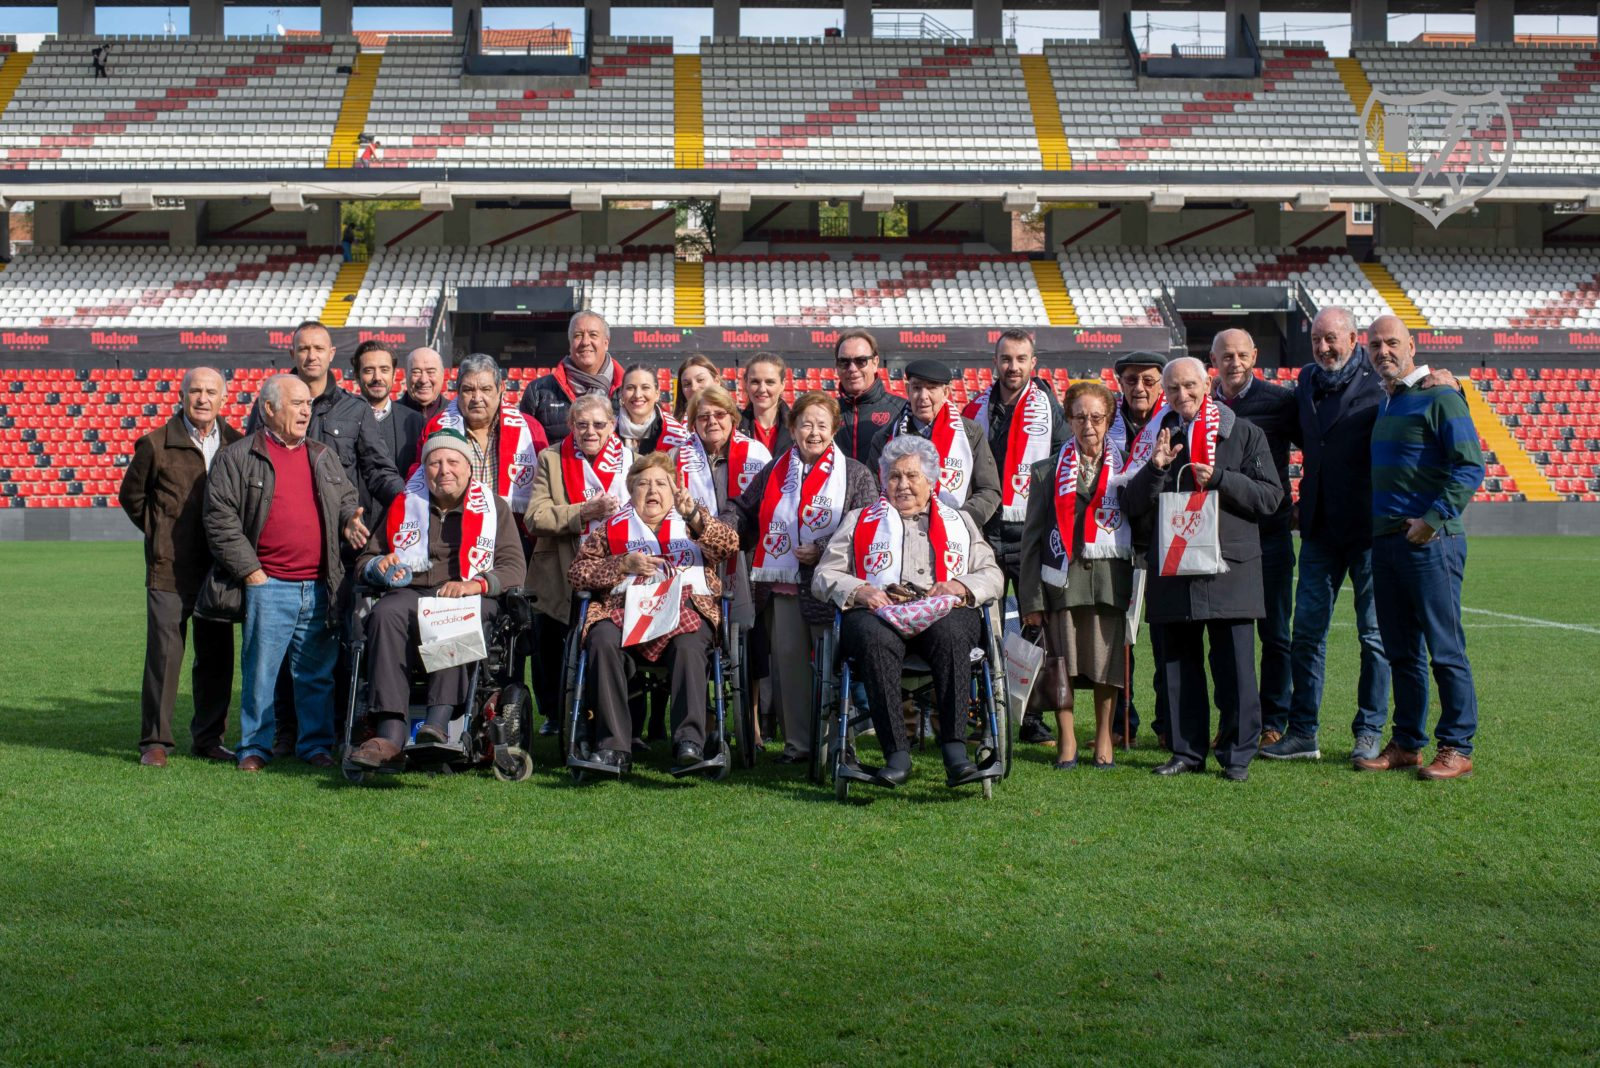 Los veteranos del Rayo, anfitriones en la lucha contra el Alzheimer